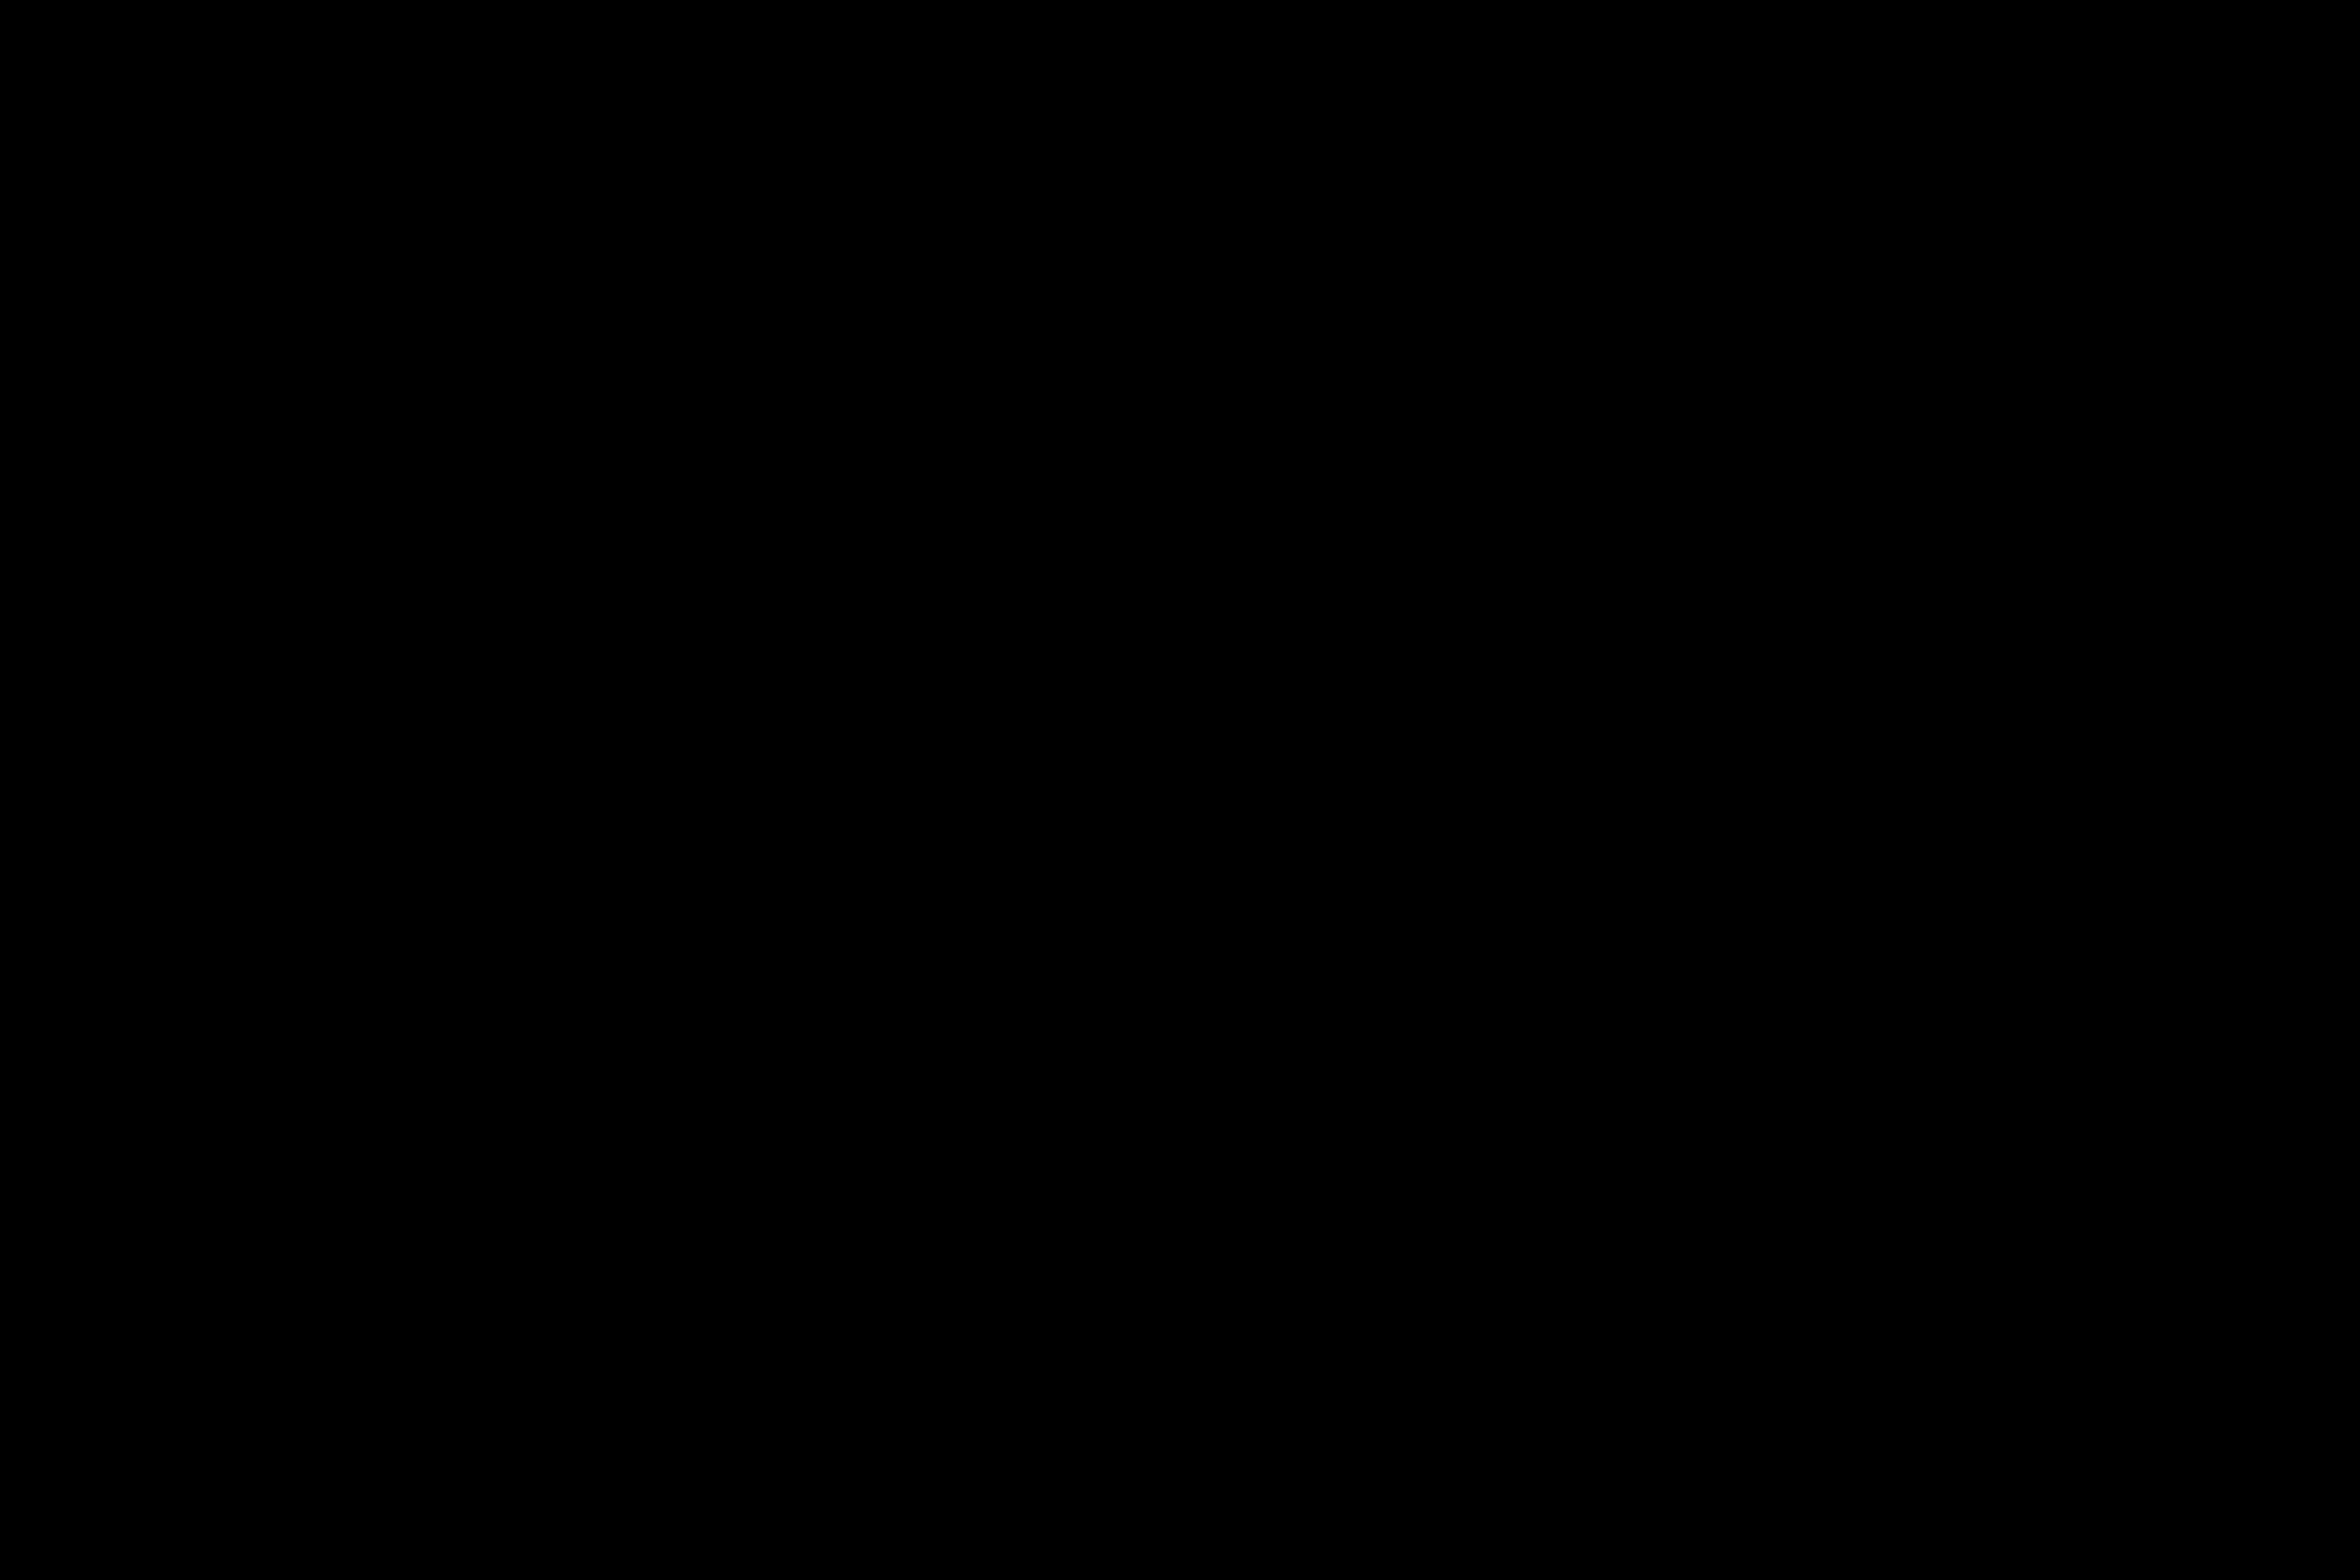 """CD: """"På gjensyn"""", 17 nye sanger av Rudolf Nilsen."""